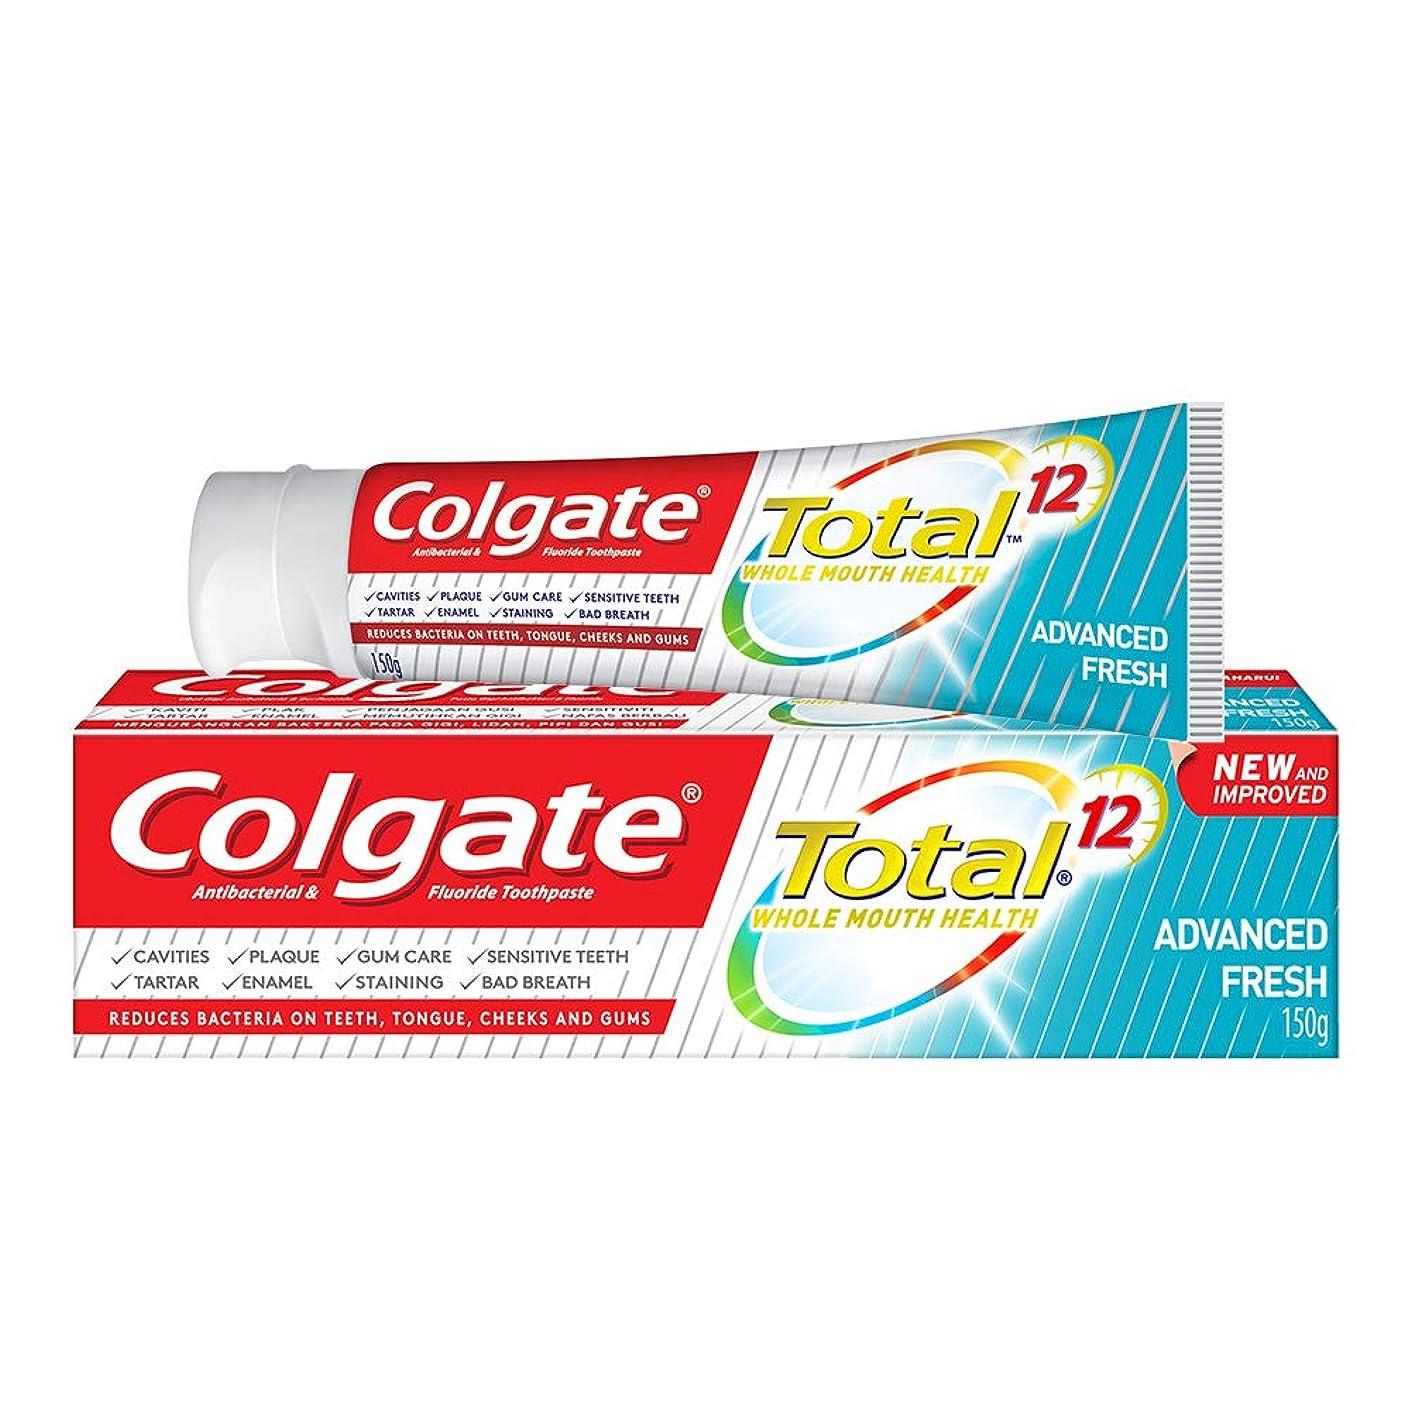 アプローチタイムリーなラリーColgate コルゲート トータル トゥースペースト 150g (歯磨き粉) 【歯磨き粉、虫歯予防、アメリカン雑貨】